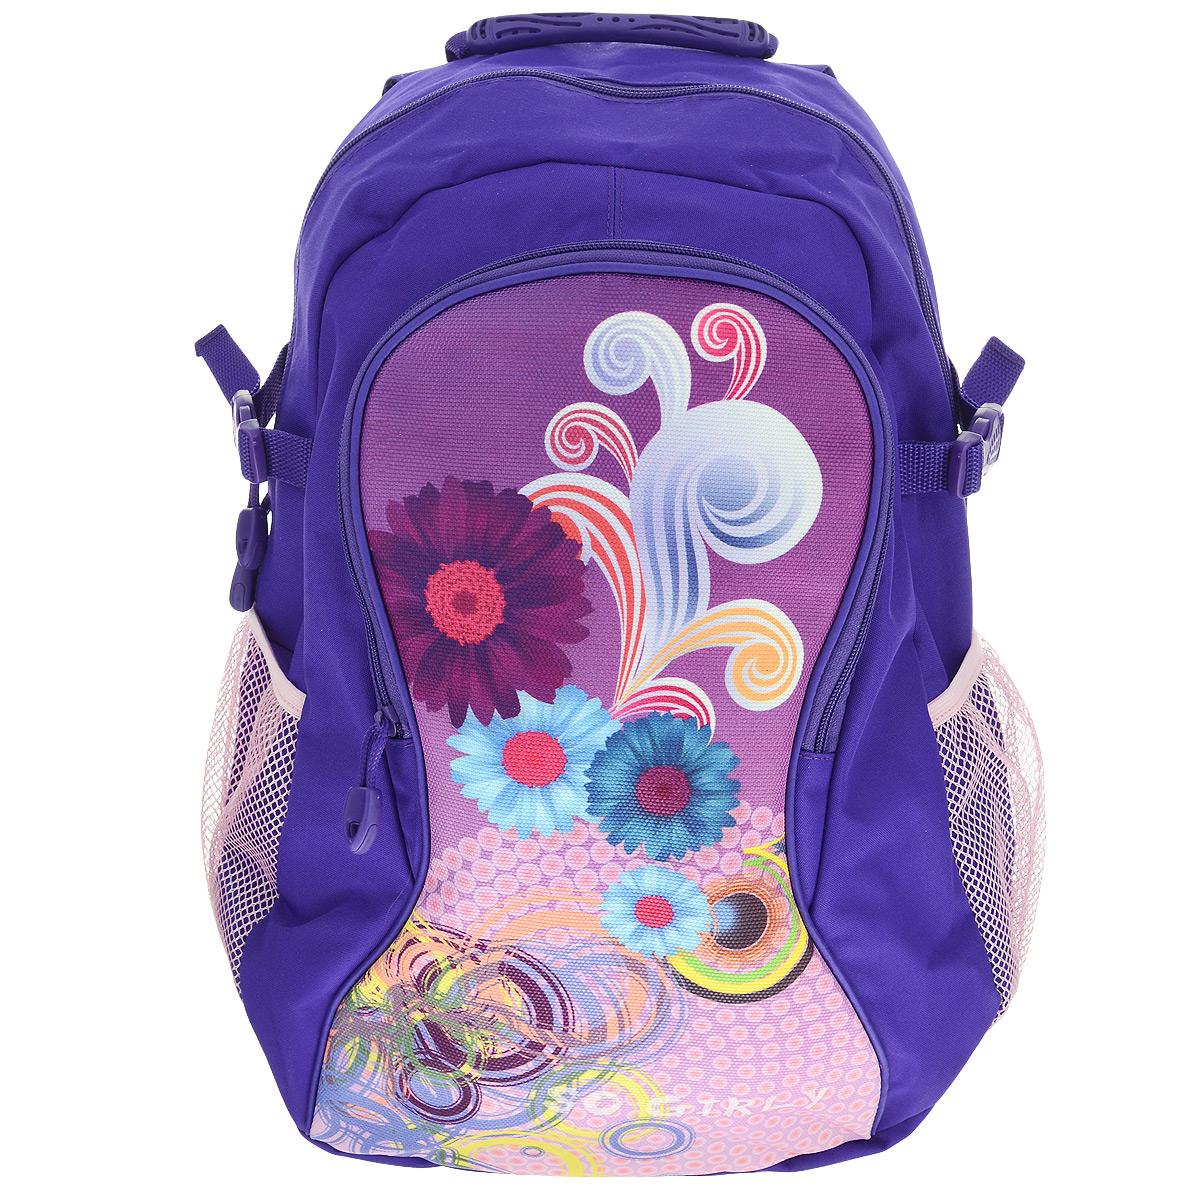 Tiger Enterprise Рюкзак детский Atiu цвет фиолетовый